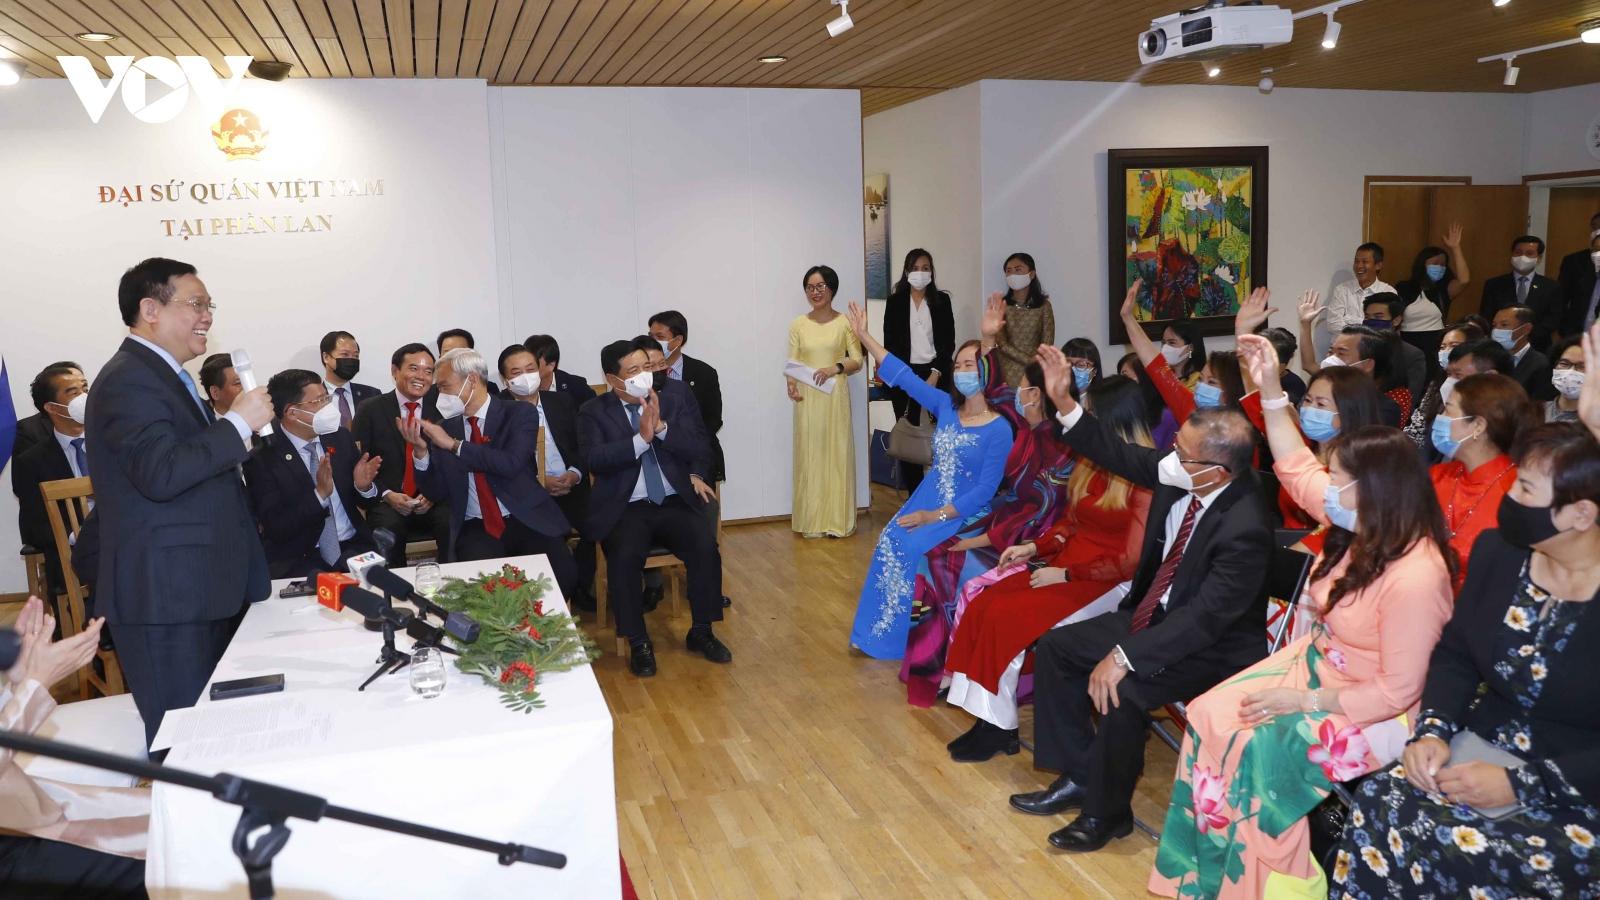 Chủ tịch Quốc hội thăm Đại sứ quán và gặp cộng đồng người Việt Nam tại Cộng hòa Phần Lan